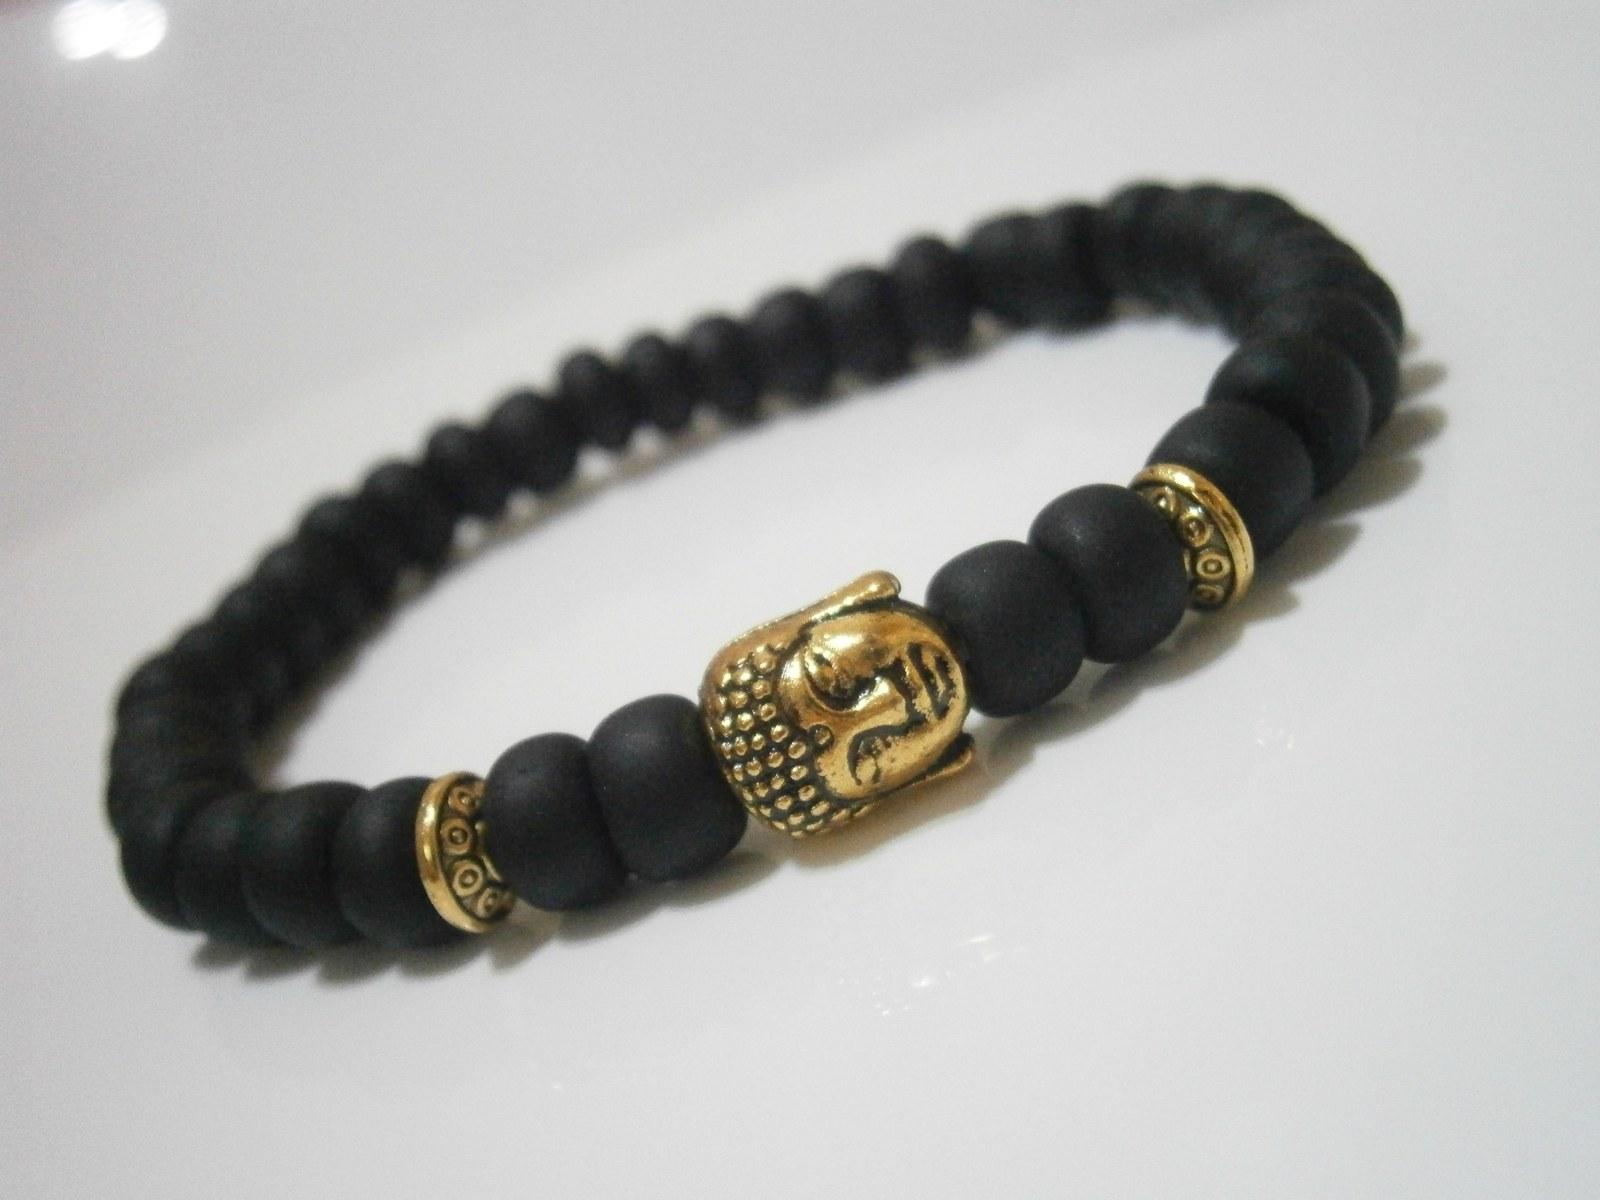 9013f8250 Černo/zlatý náramek s Buddhou / Zboží prodejce Michaela2308   Fler.cz